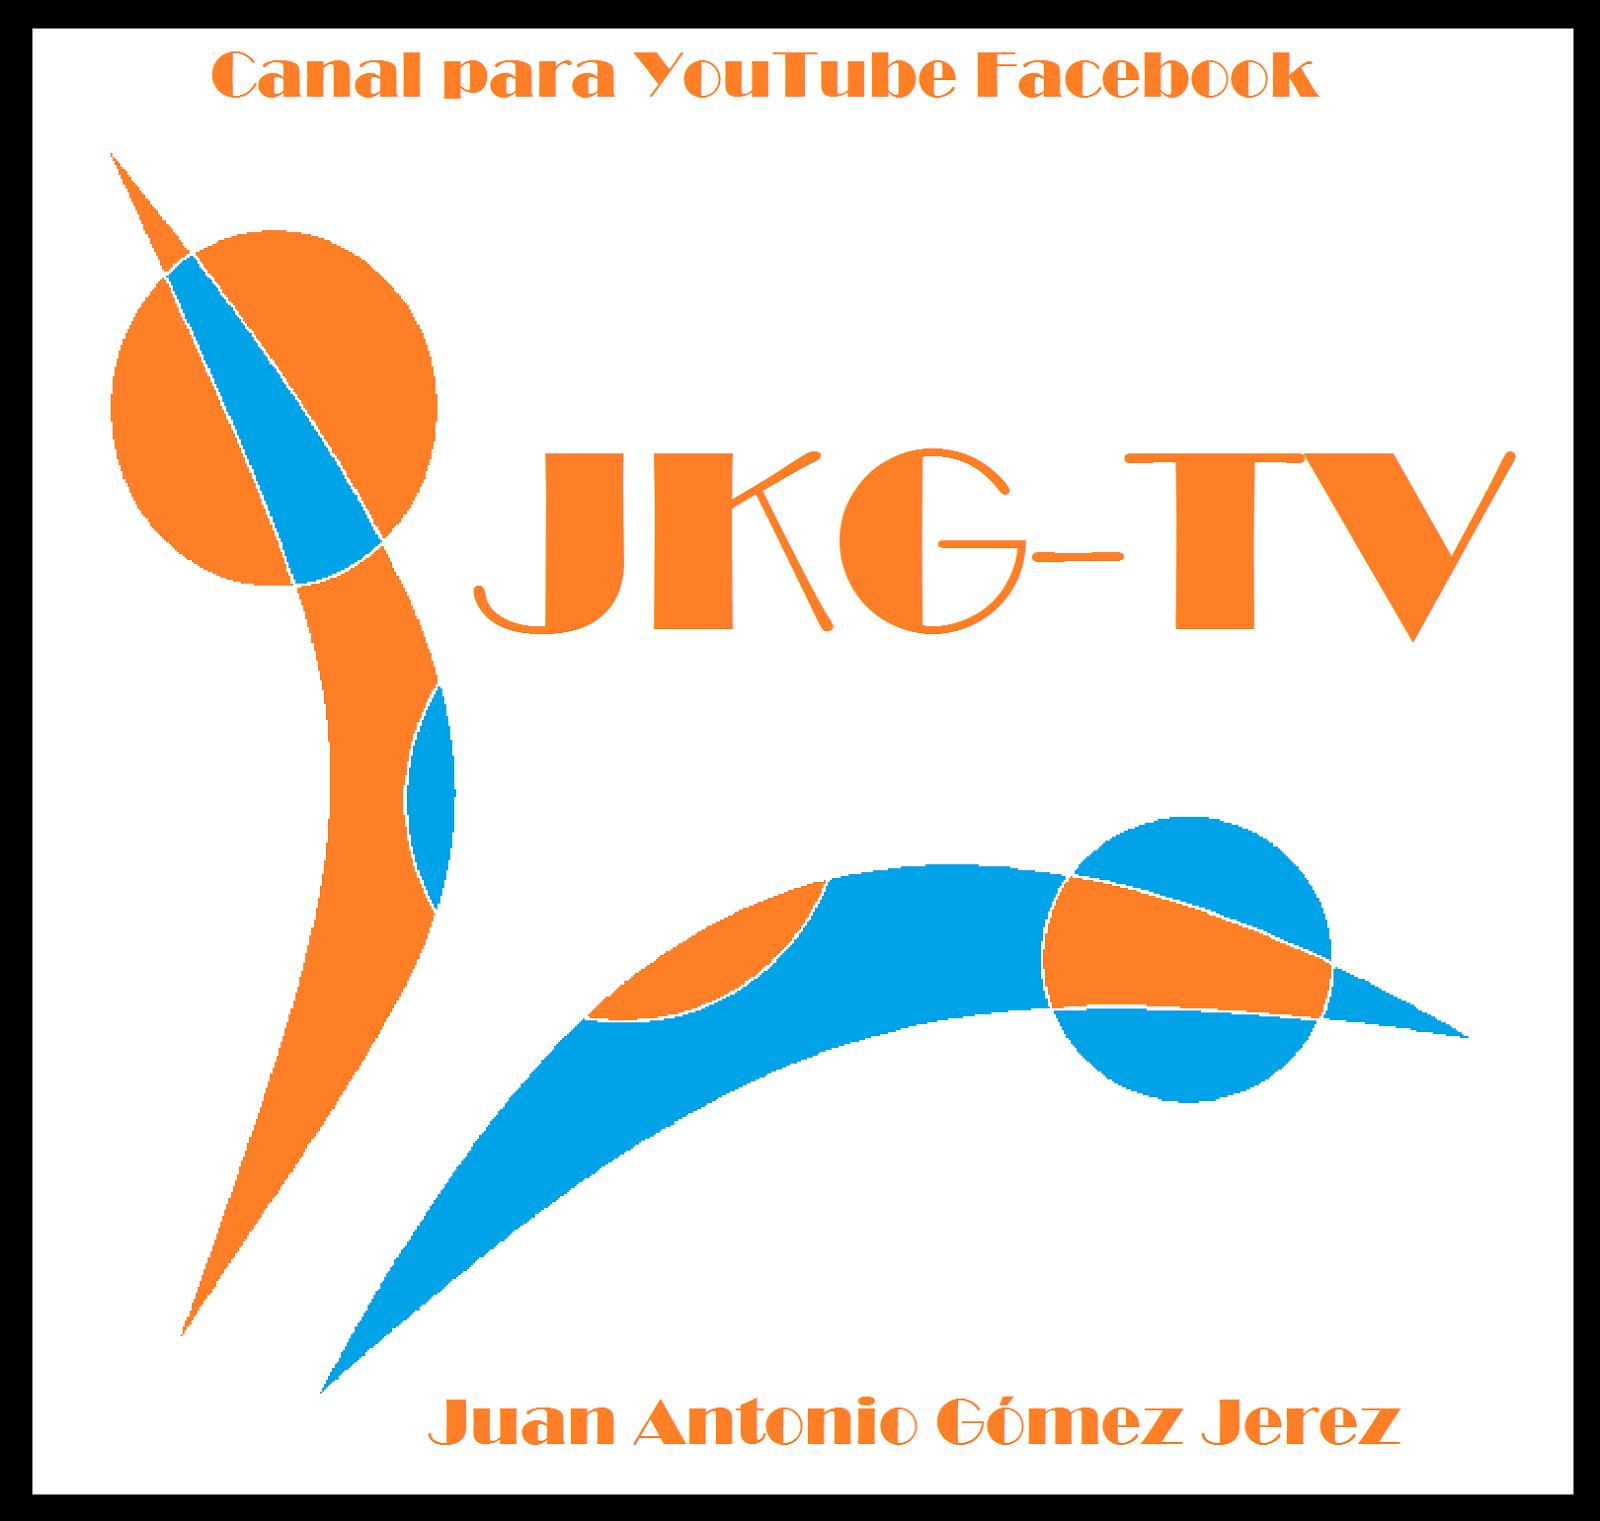 JKG-TV Canal de Juan Antonio Gómez